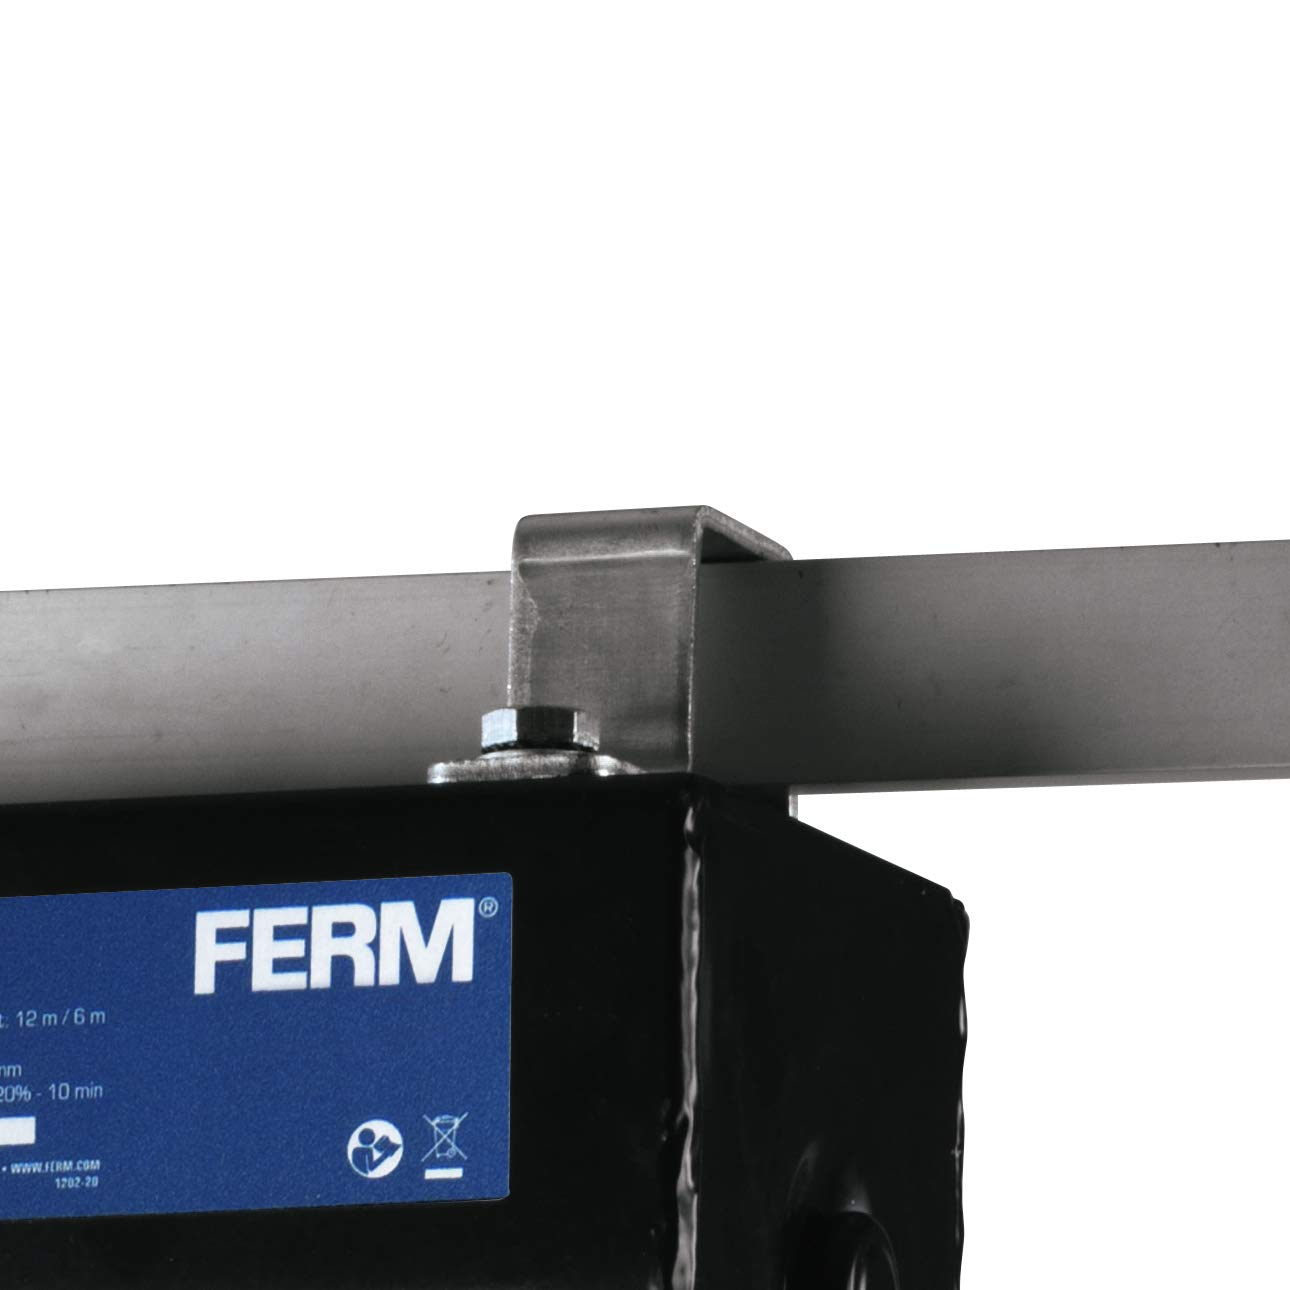 FERM Palan /à levier /électrique 500W Max avec c/âble non rotation et t/él/écommande 250 Kg